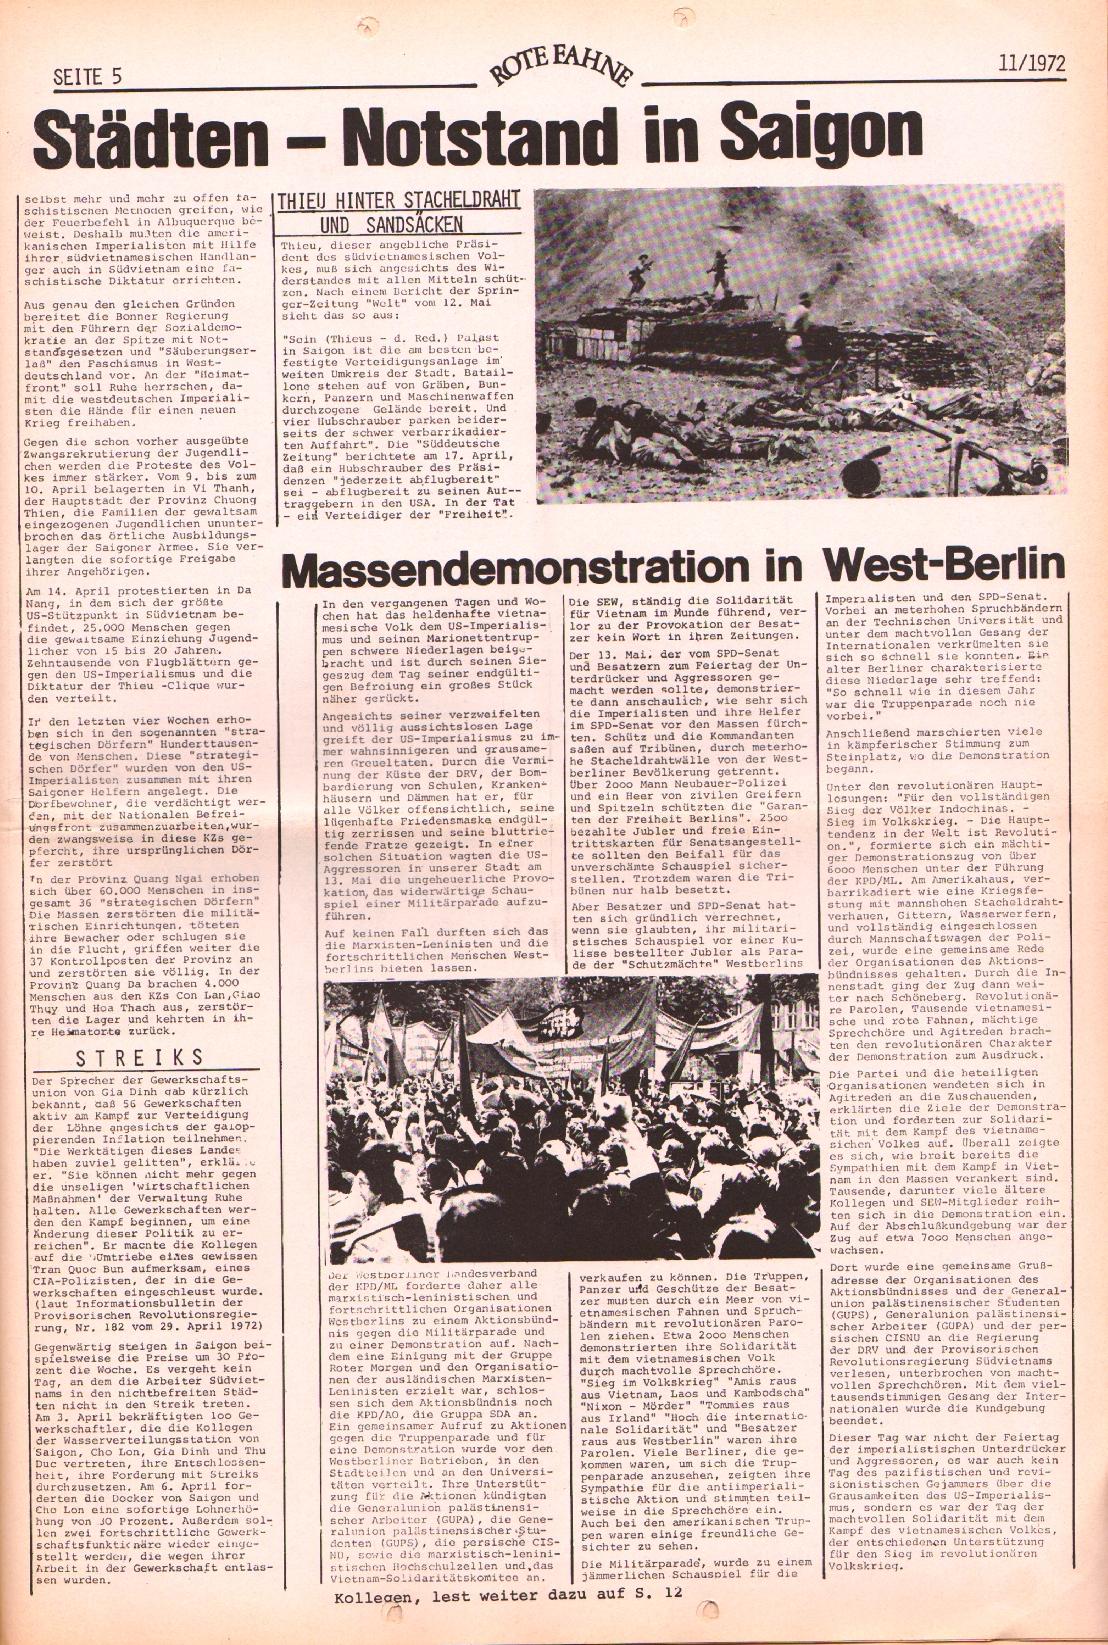 Rote Fahne, 3. Jg., 29.5.1972, Nr. 11, Seite 5